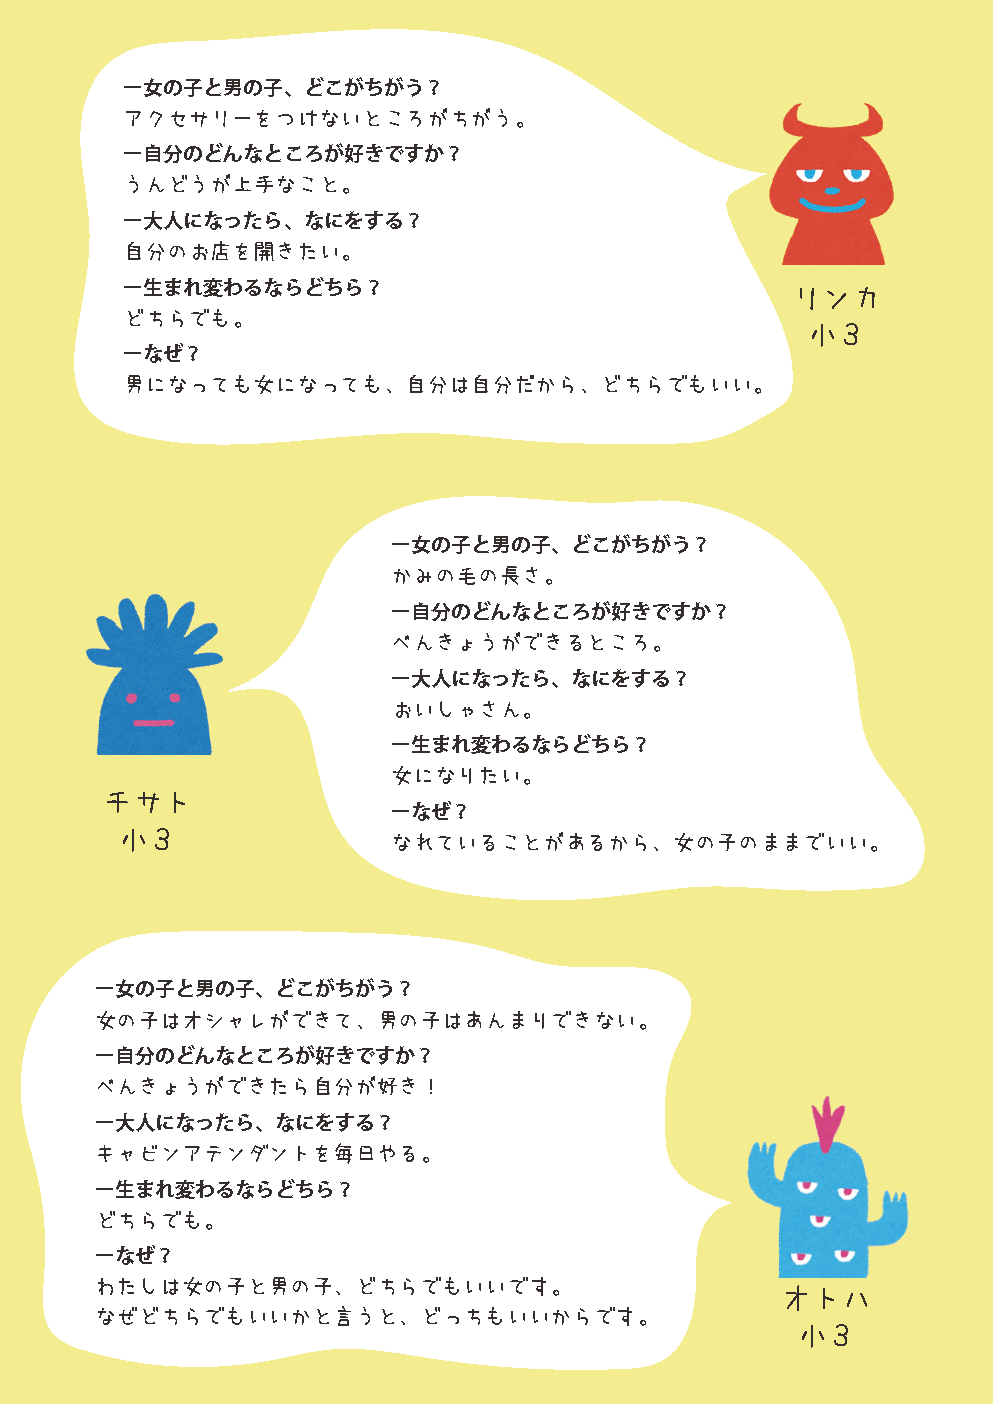 小学生に聞く_ページ_09